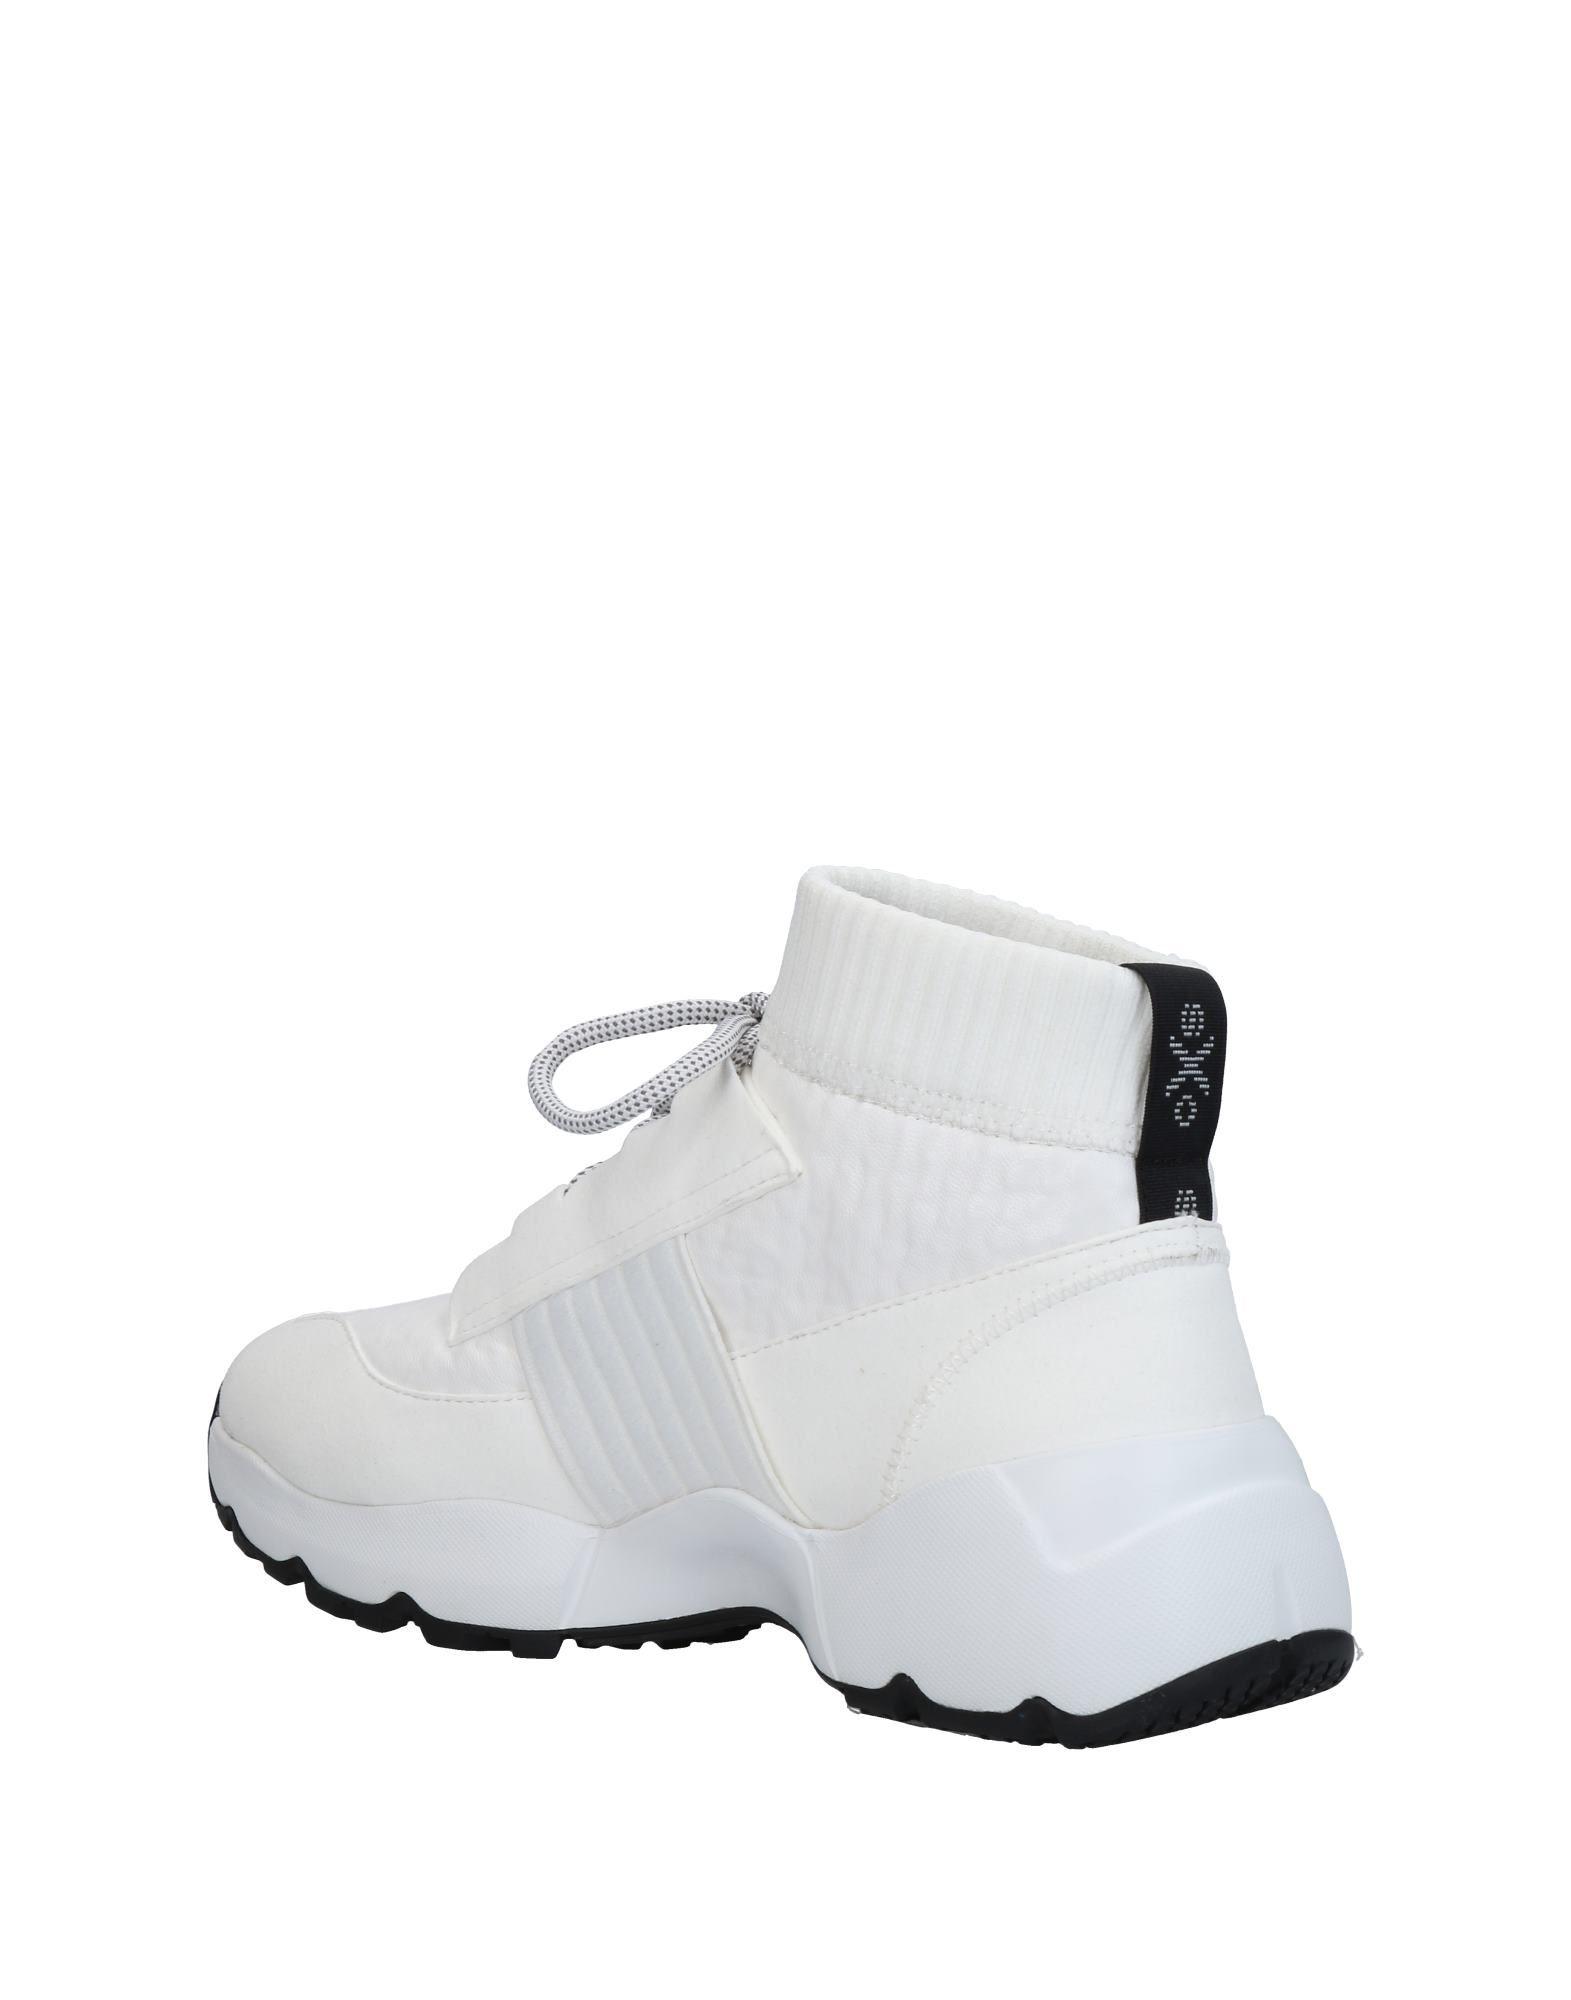 O.X.S. Sneakers Damen  11457542VG Gute Qualität beliebte Schuhe